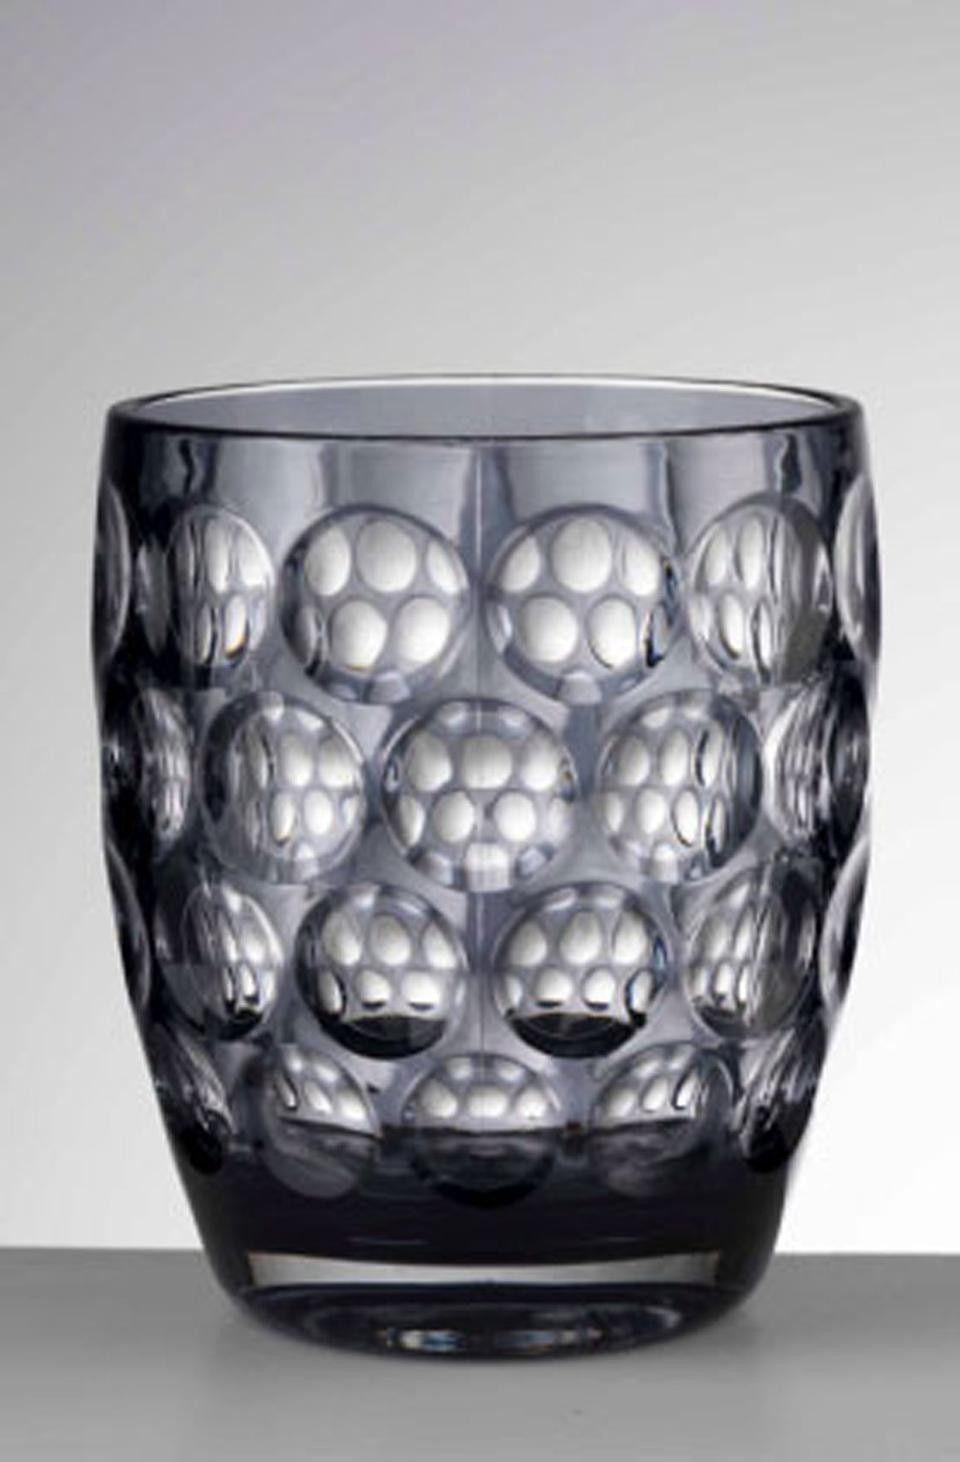 Mario Luca Giusti Lente Grey Tumbler 4 25 H Set 6 Barware Lente Mario Luca Giusti Automatic Soap Dispenser Acrylic Glassware